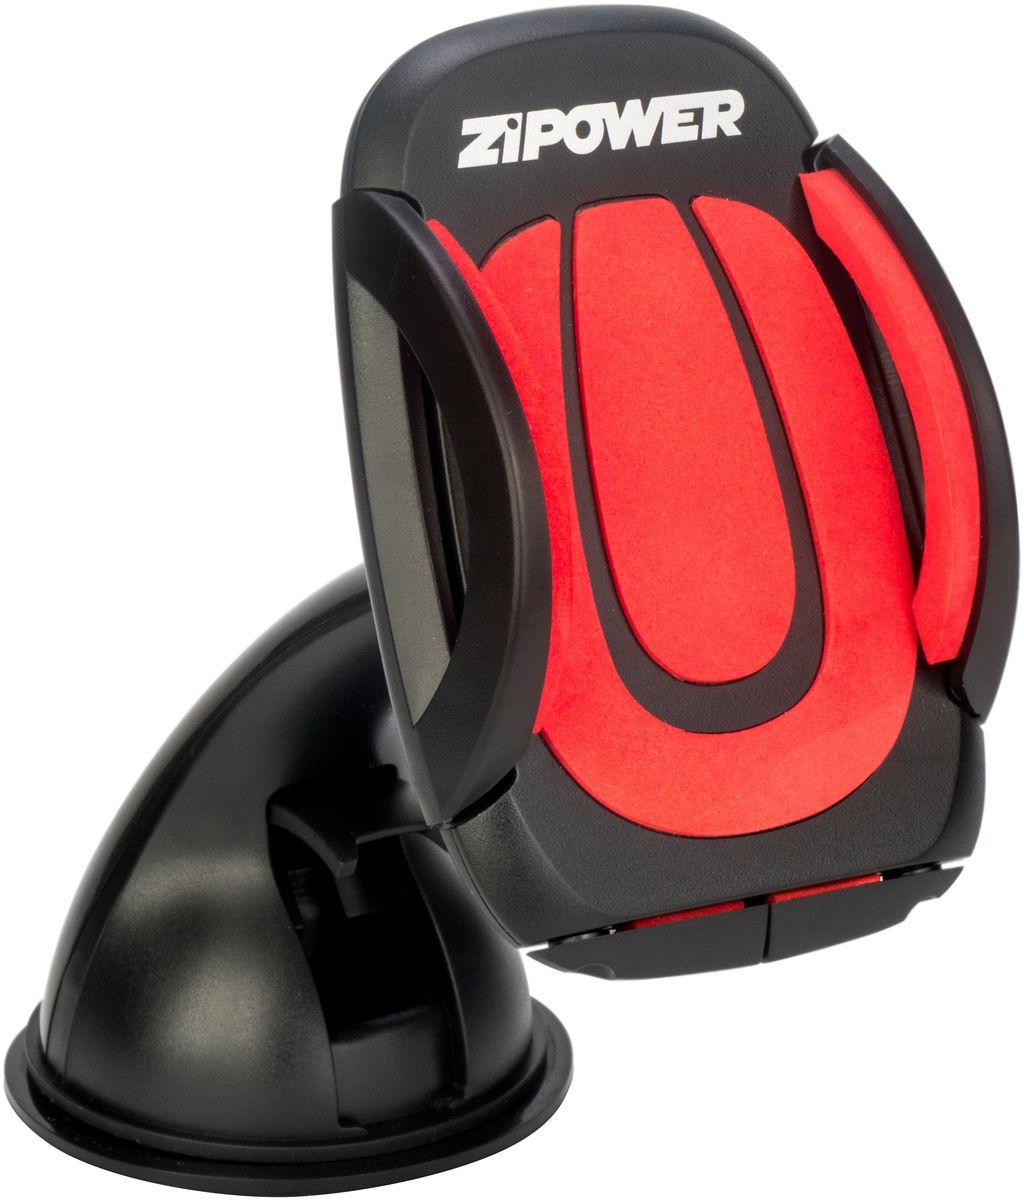 Держатель для телефона автомобильный Zipower, 47-100 мм. PM 6624PM 6624PM 6624 Авто держатель для мобильного телефона, ширина захвата 47-100 мм, угол поворота 360°С, присоска GELfix надежно фиксирует держатель на любой пластиковой или стеклянной поверхности, установка телефона одной рукой, ударопрочный пластик - держатель прослужит вам долго, мягкие накладки надежно фиксирует телефон. В современных условиях уже невозможно представить свою жизнь без огромного количества гаджетов. Мобильные телефоны, планшетные компьютеры, навигаторы прочно вошли в наш повседневный быт. Чтобы сделать их использование максимально комфортным, а также учитывая то, что значительную часть времени сегодня человек проводит в автомобиле, ZiPOWER представляет необходимые аксессуары – специальные автомобильные держатели для разнообразных устройств. Они позволят не только безопасно использовать то или иное устройство, но и дадут возможность просто и надежно закрепить его для подзарядки. ZIPOWER